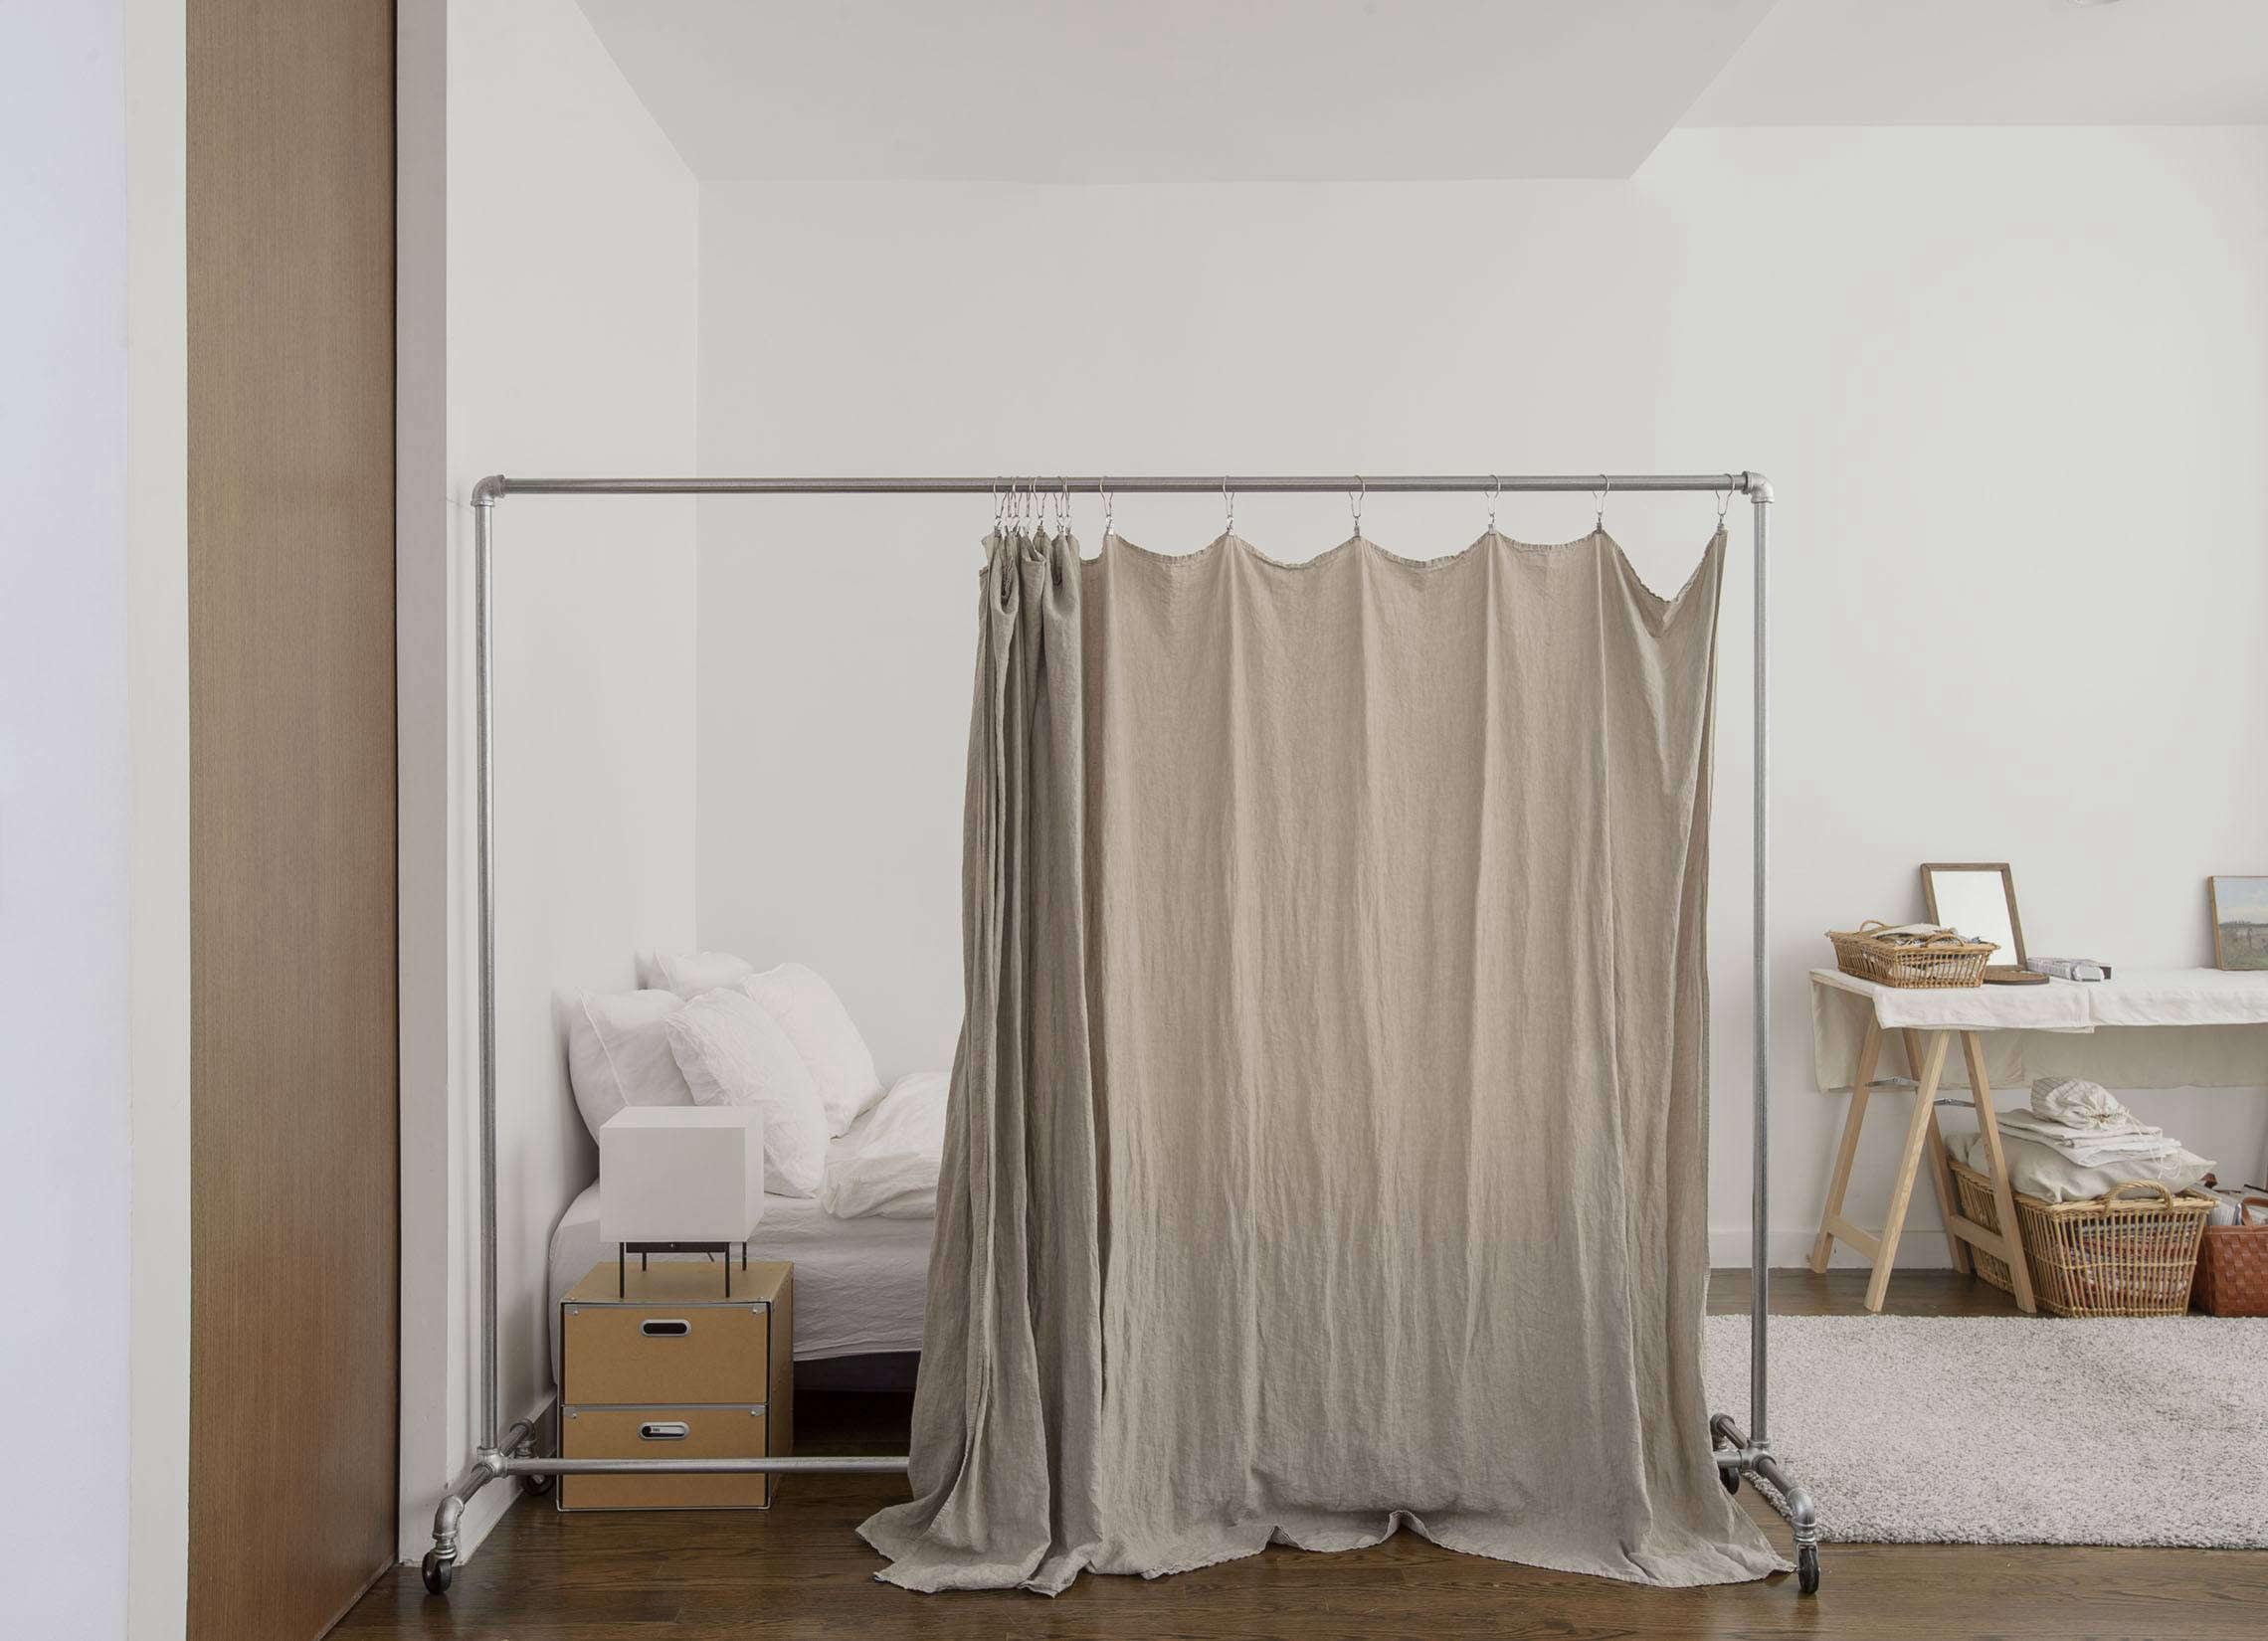 Фото кровати с ширмой занавеской